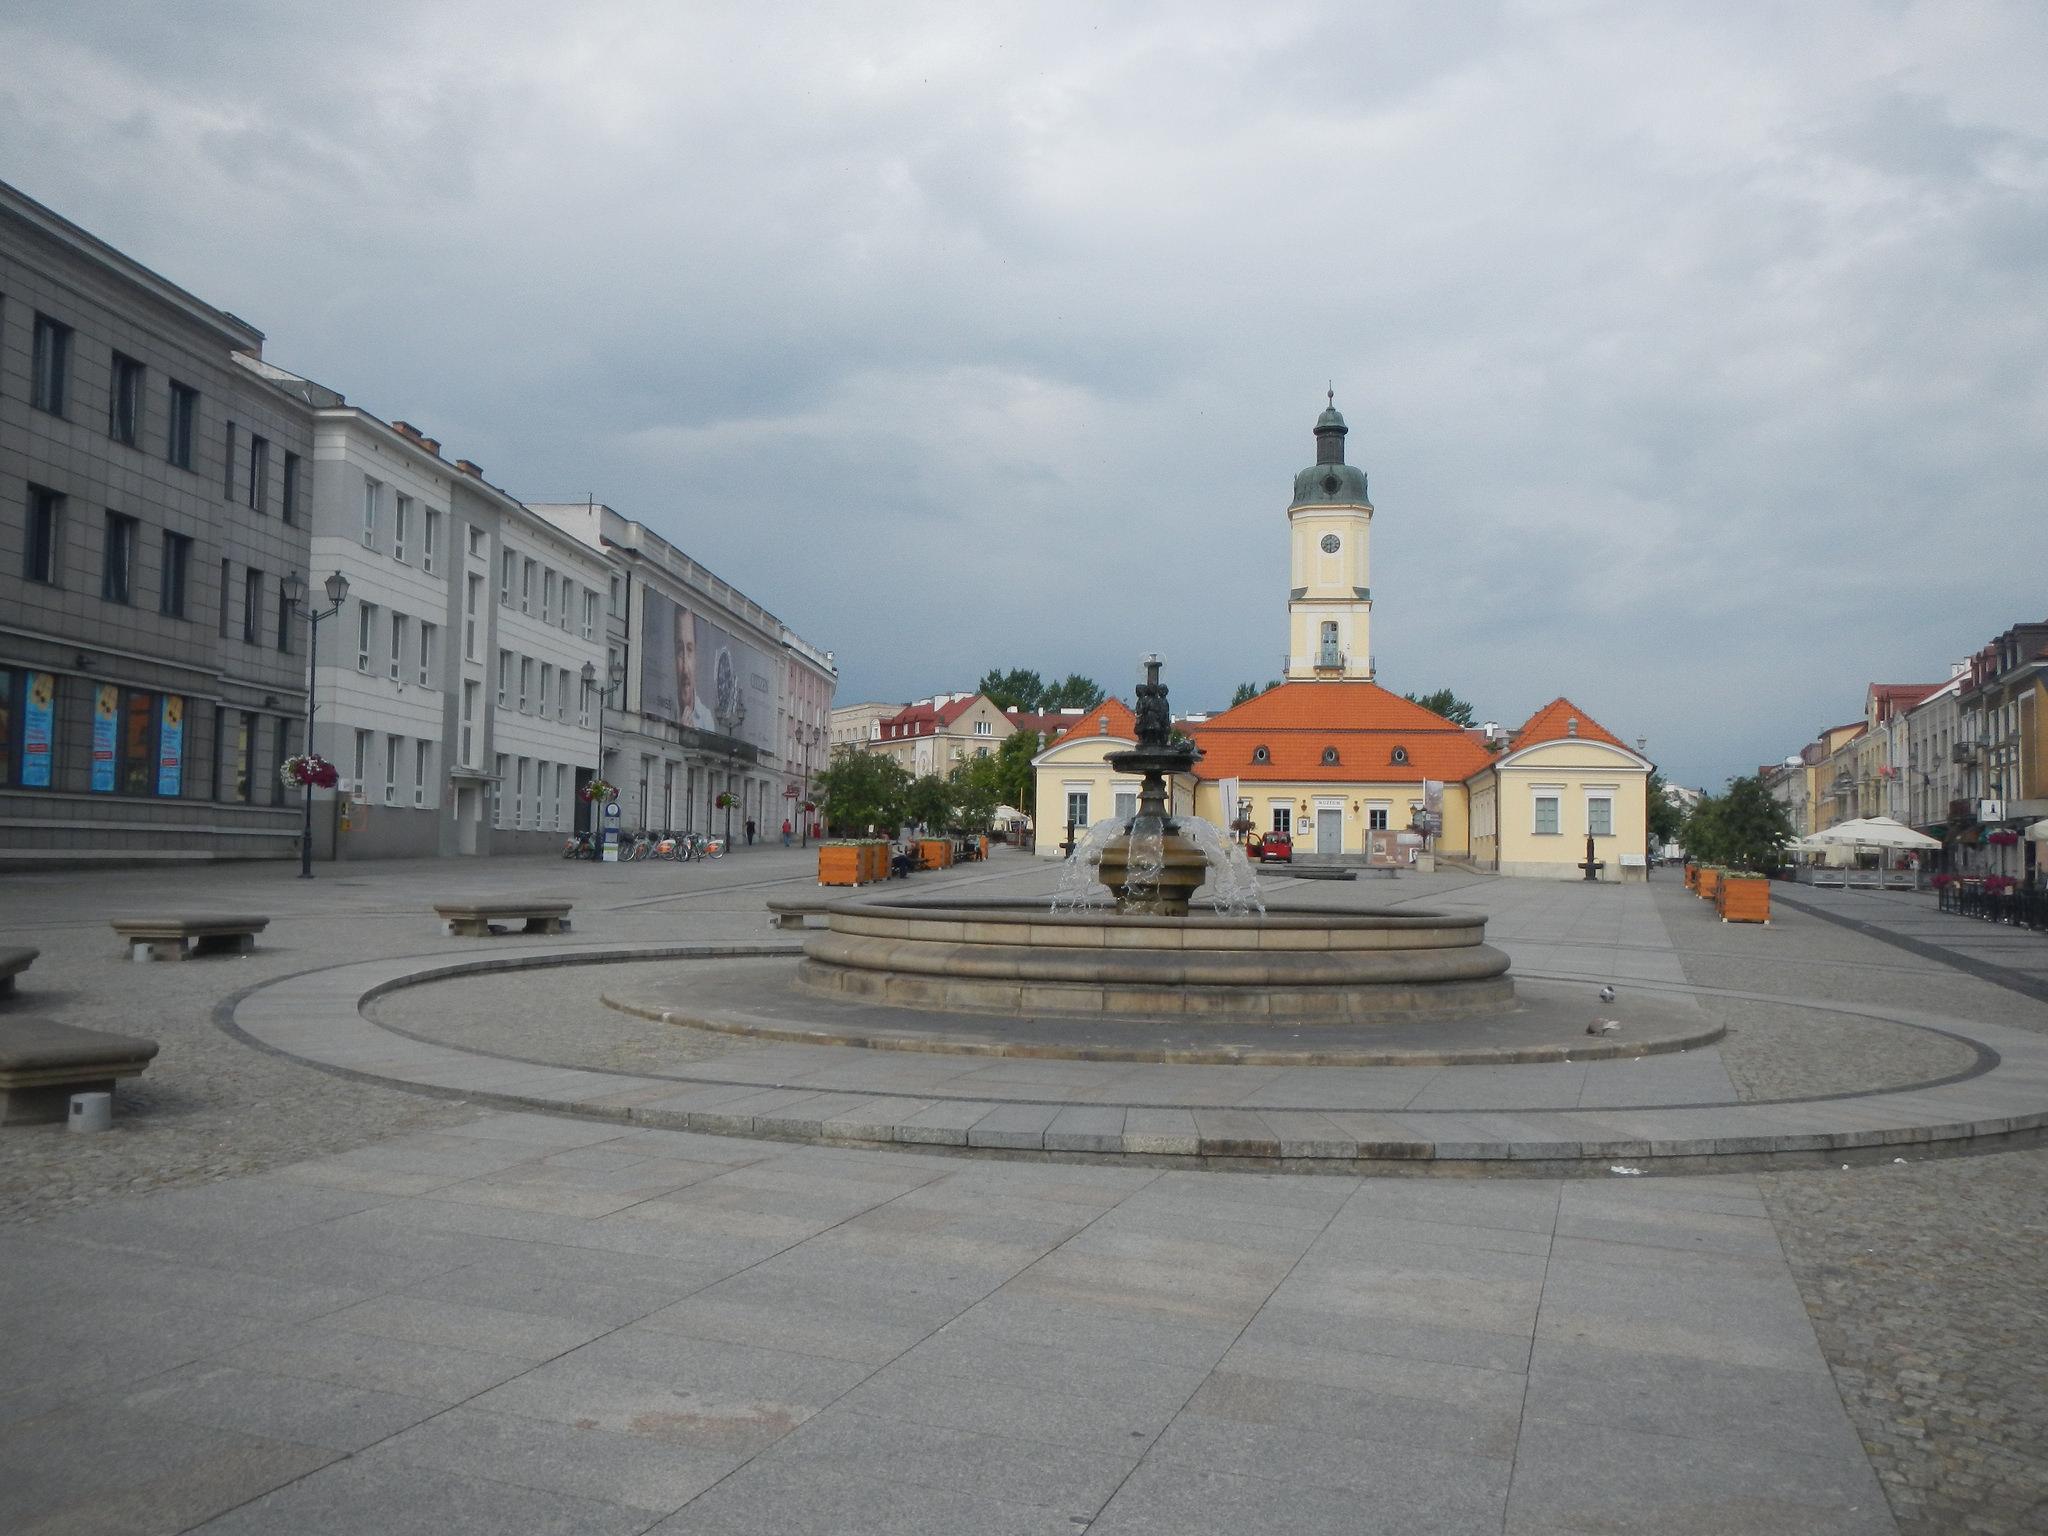 Бялисток, Полша